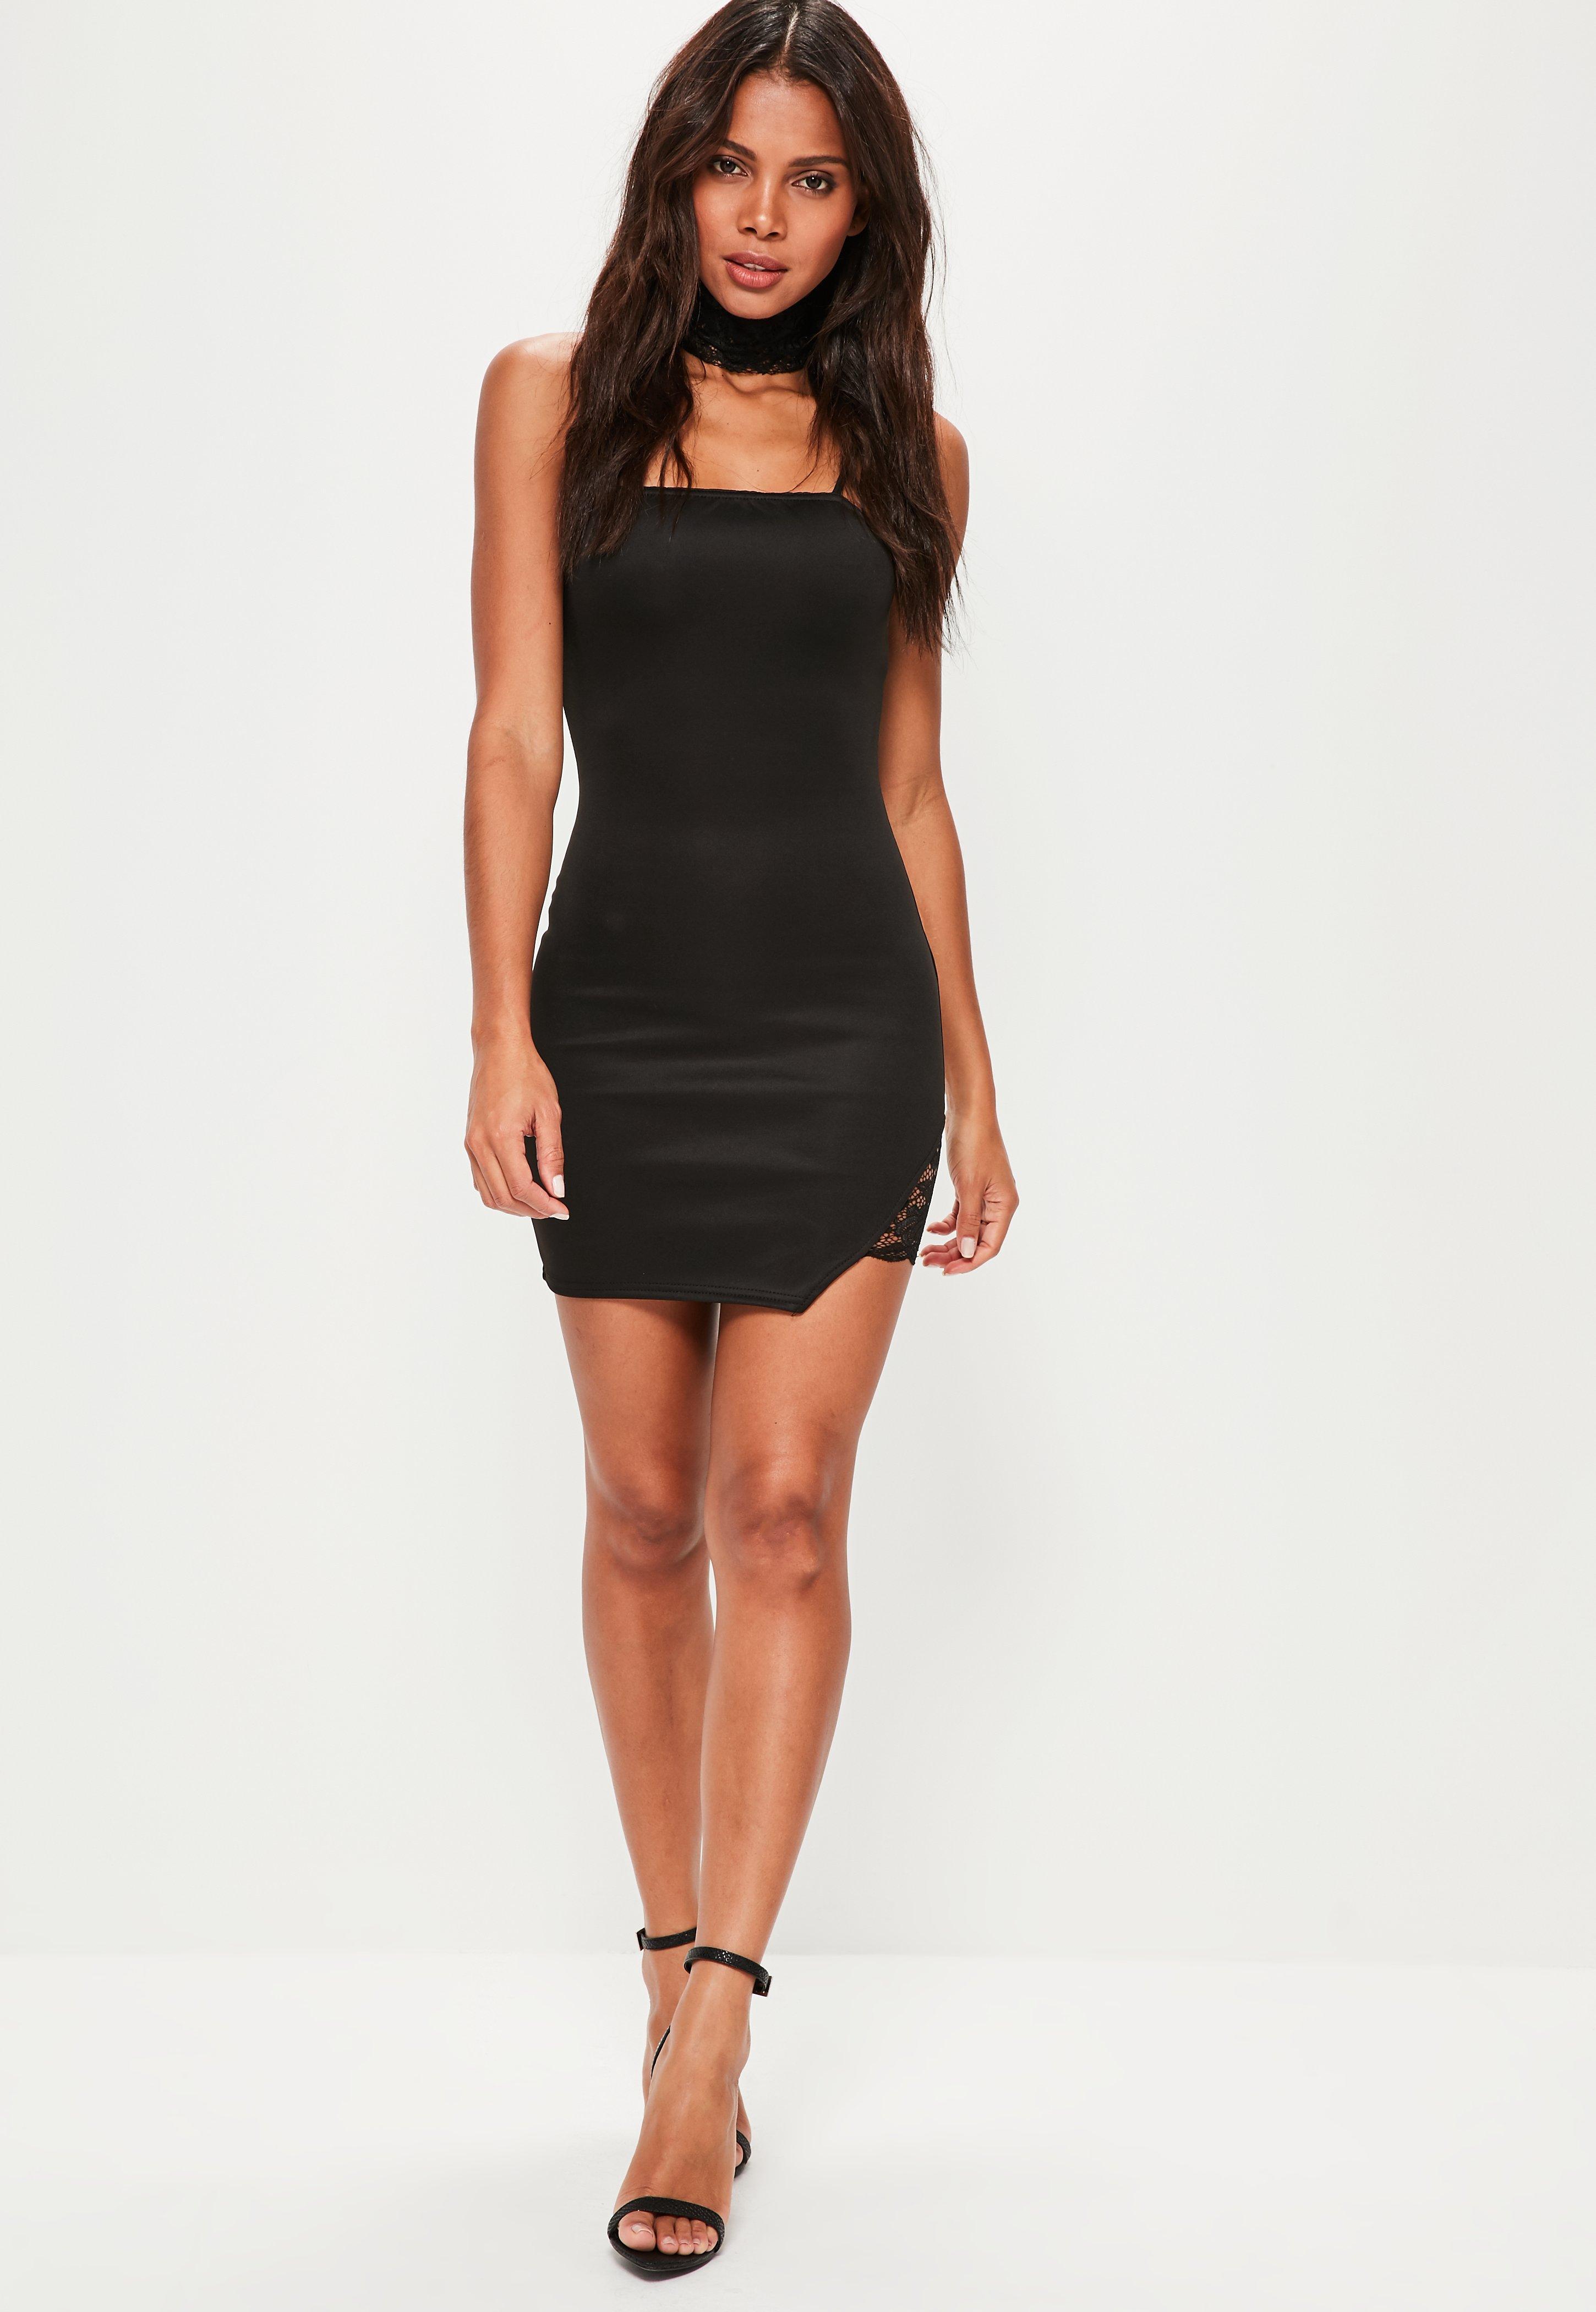 Black Choker Lace Insert Strappy Bodycon Mini Dress